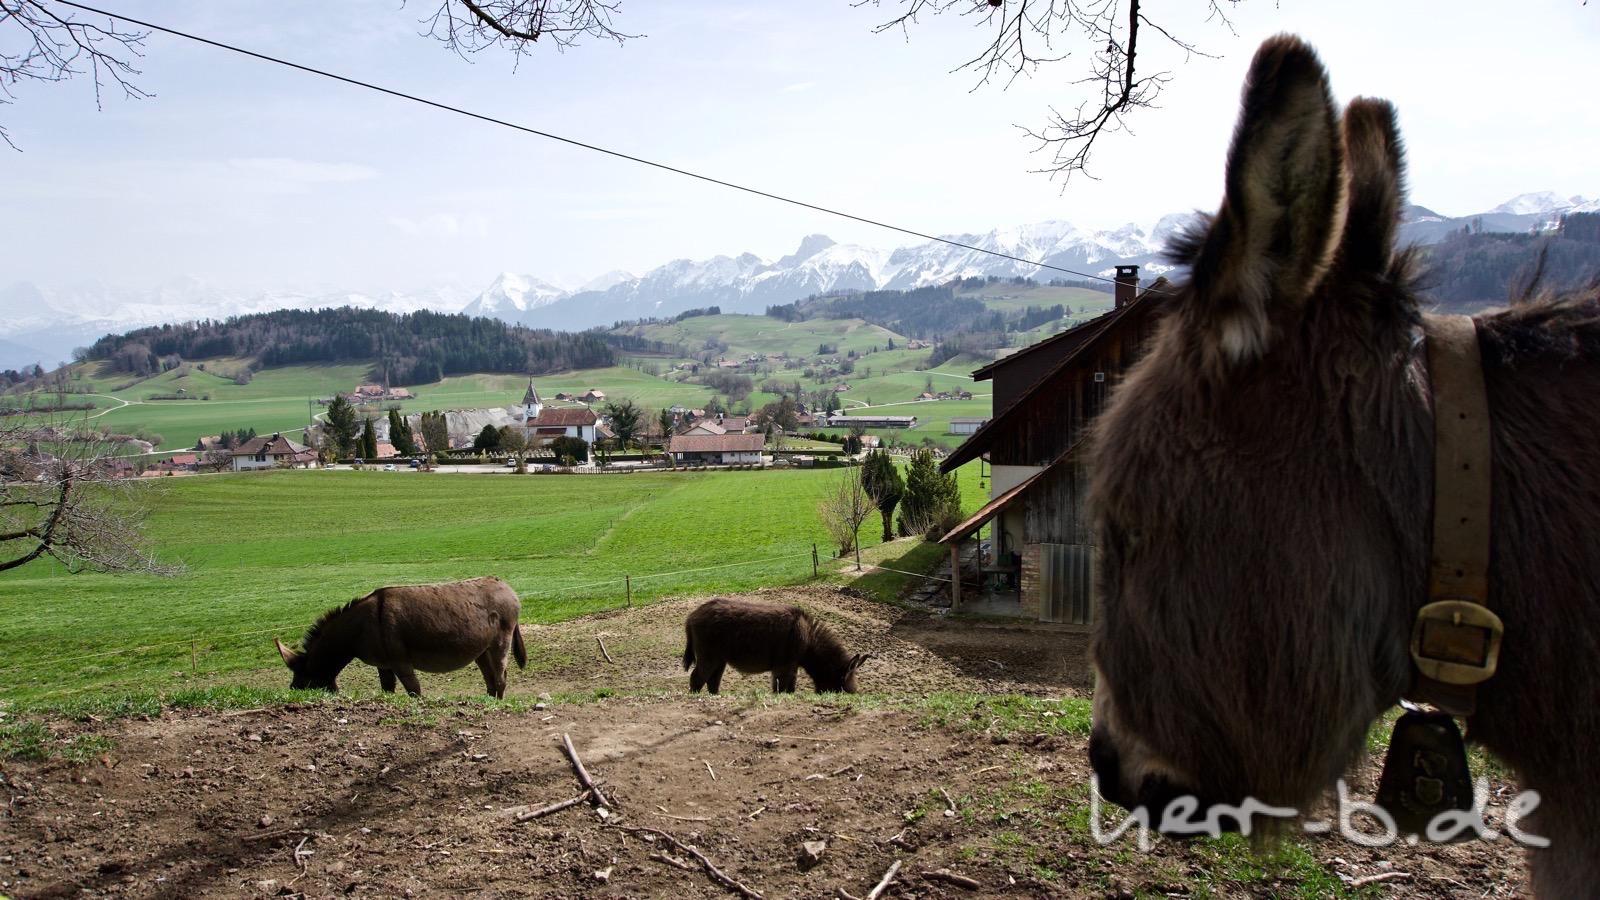 Die Esel mit Nachwuchs und Aussicht auf die Berge.